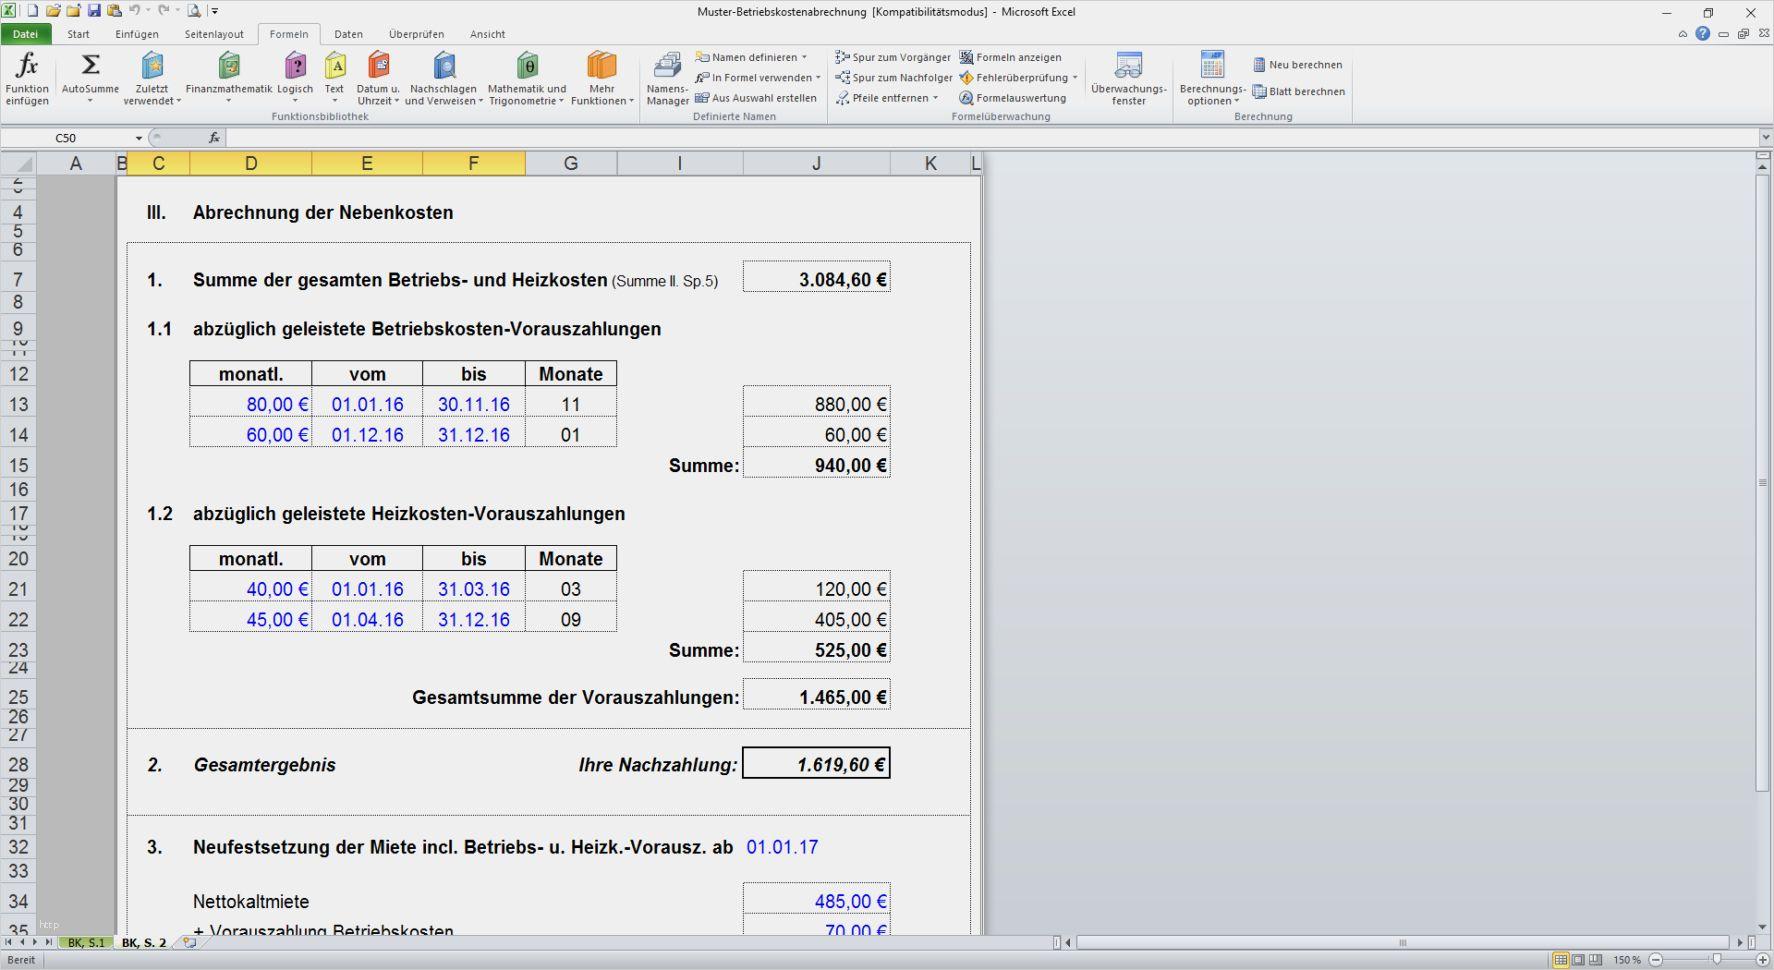 34 Elegant Excel Vorlage Betriebskostenabrechnung Bilder In 2020 Excel Vorlage Vorlagen Betriebskostenabrechnung